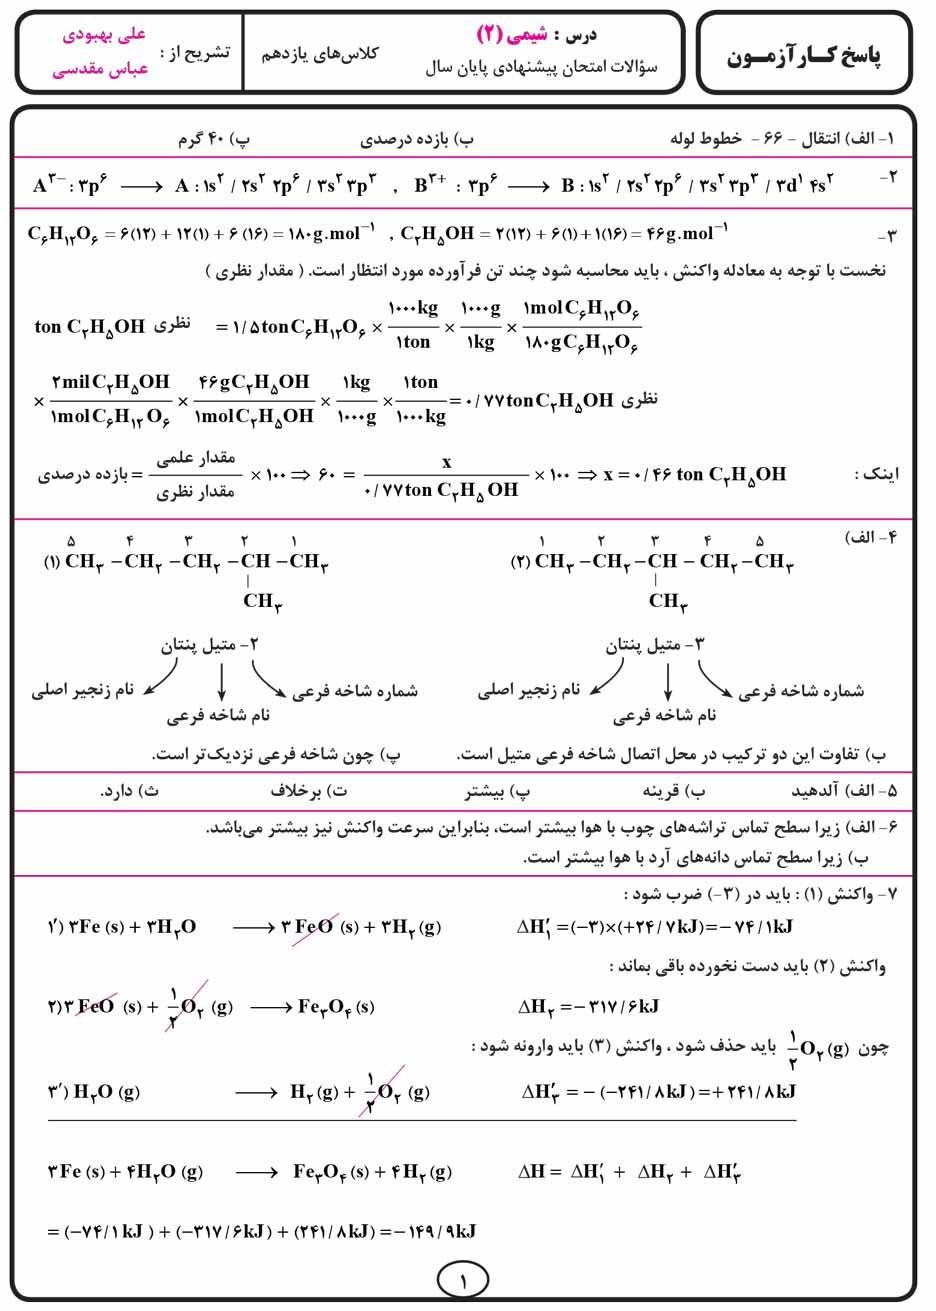 پاسخ کارآزمون شیمی (۲) یازدهم متوسطه انتشارات بنی هاشمی خامنه صفحه اول